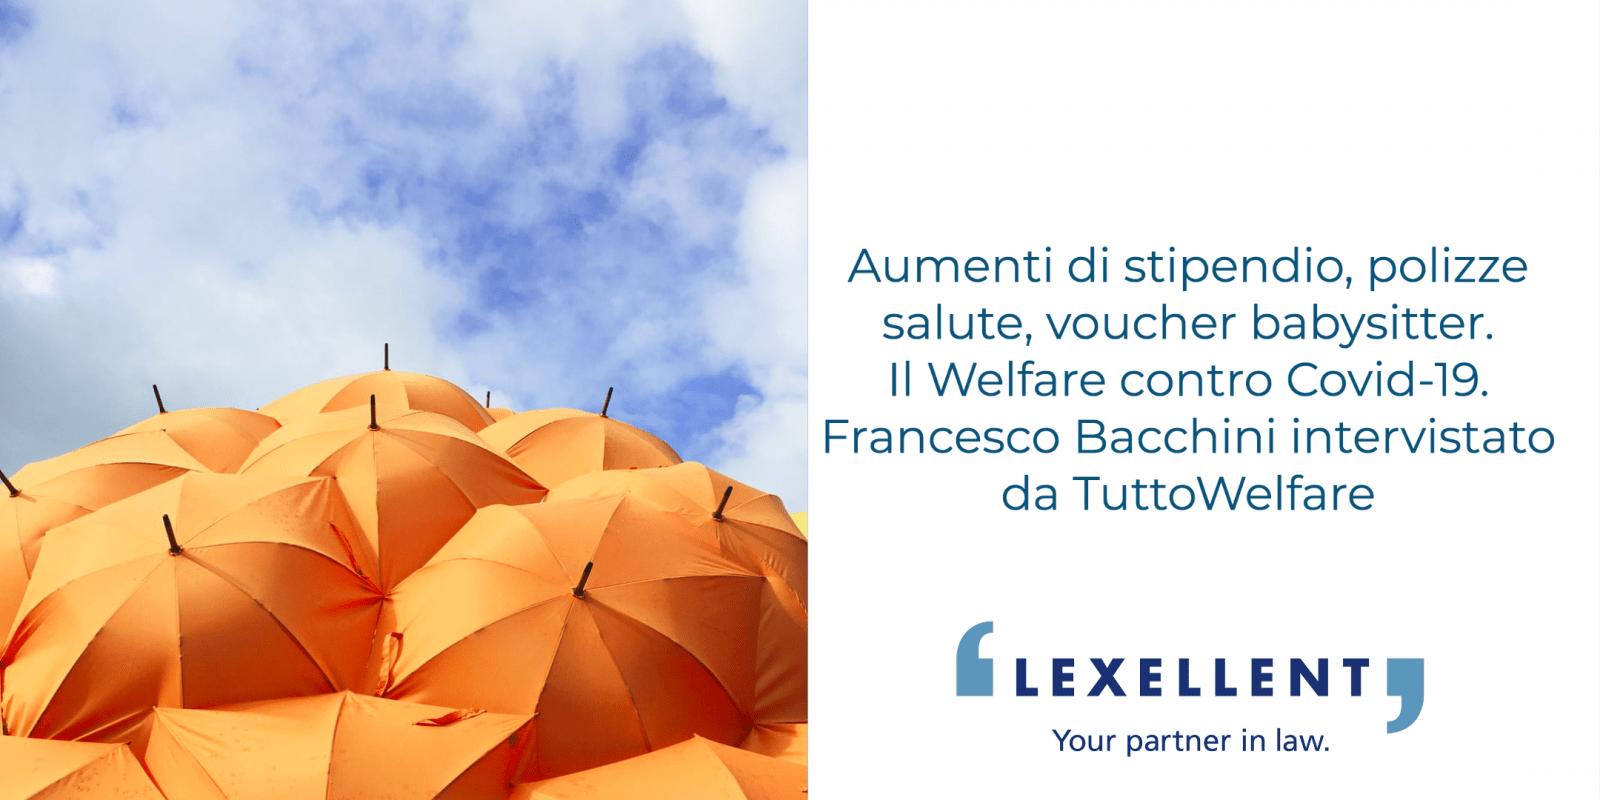 Il welfare aziendale ai tempi del Covid-19. TuttoWelfare intervista Francesco Bacchini